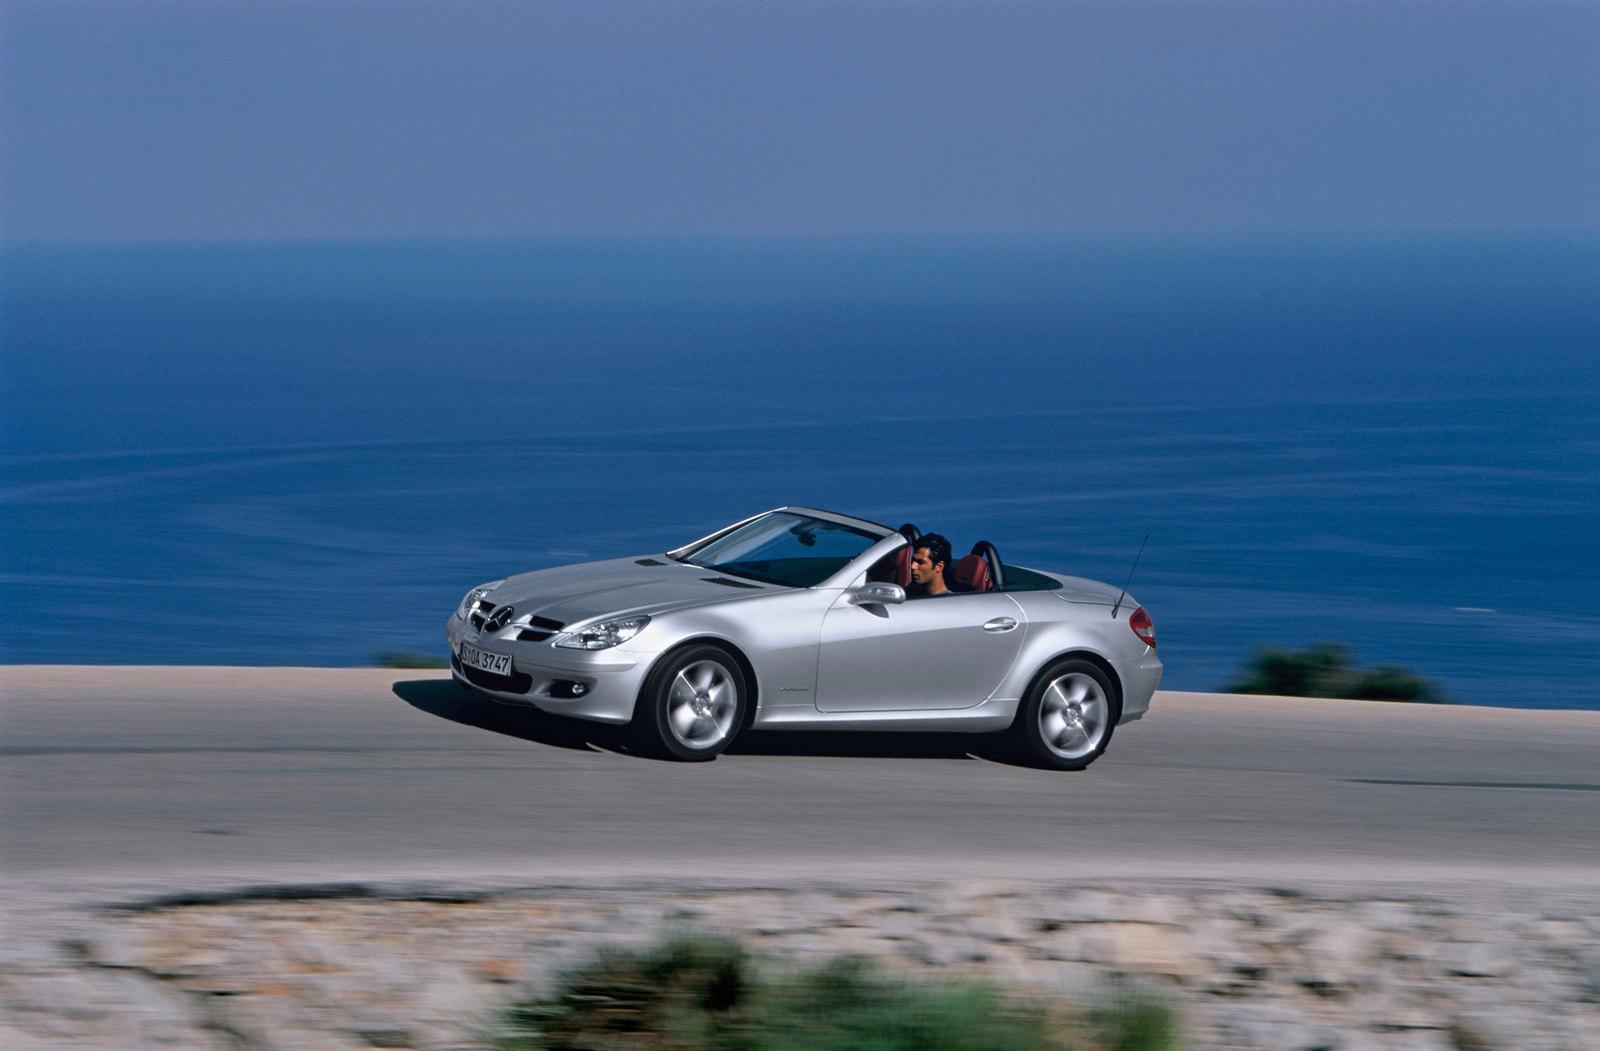 Problema no motor também atinge Mercedes SLK